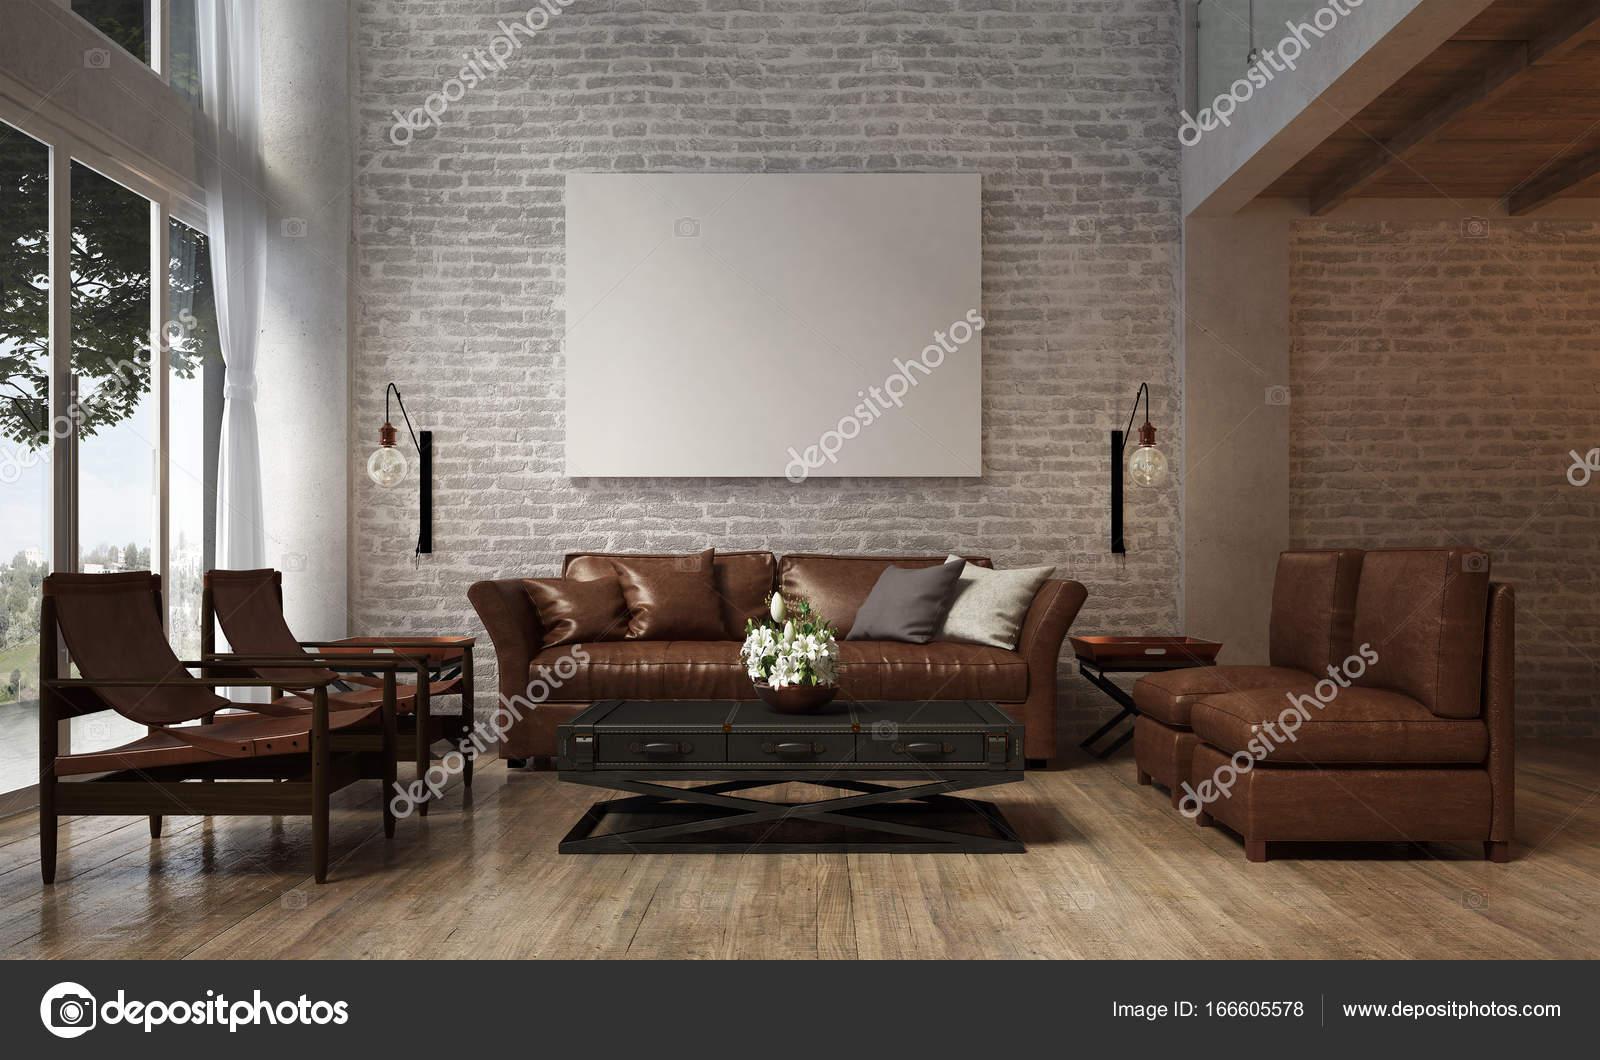 Das interior design der lounge und wohnzimmer und sofa set und